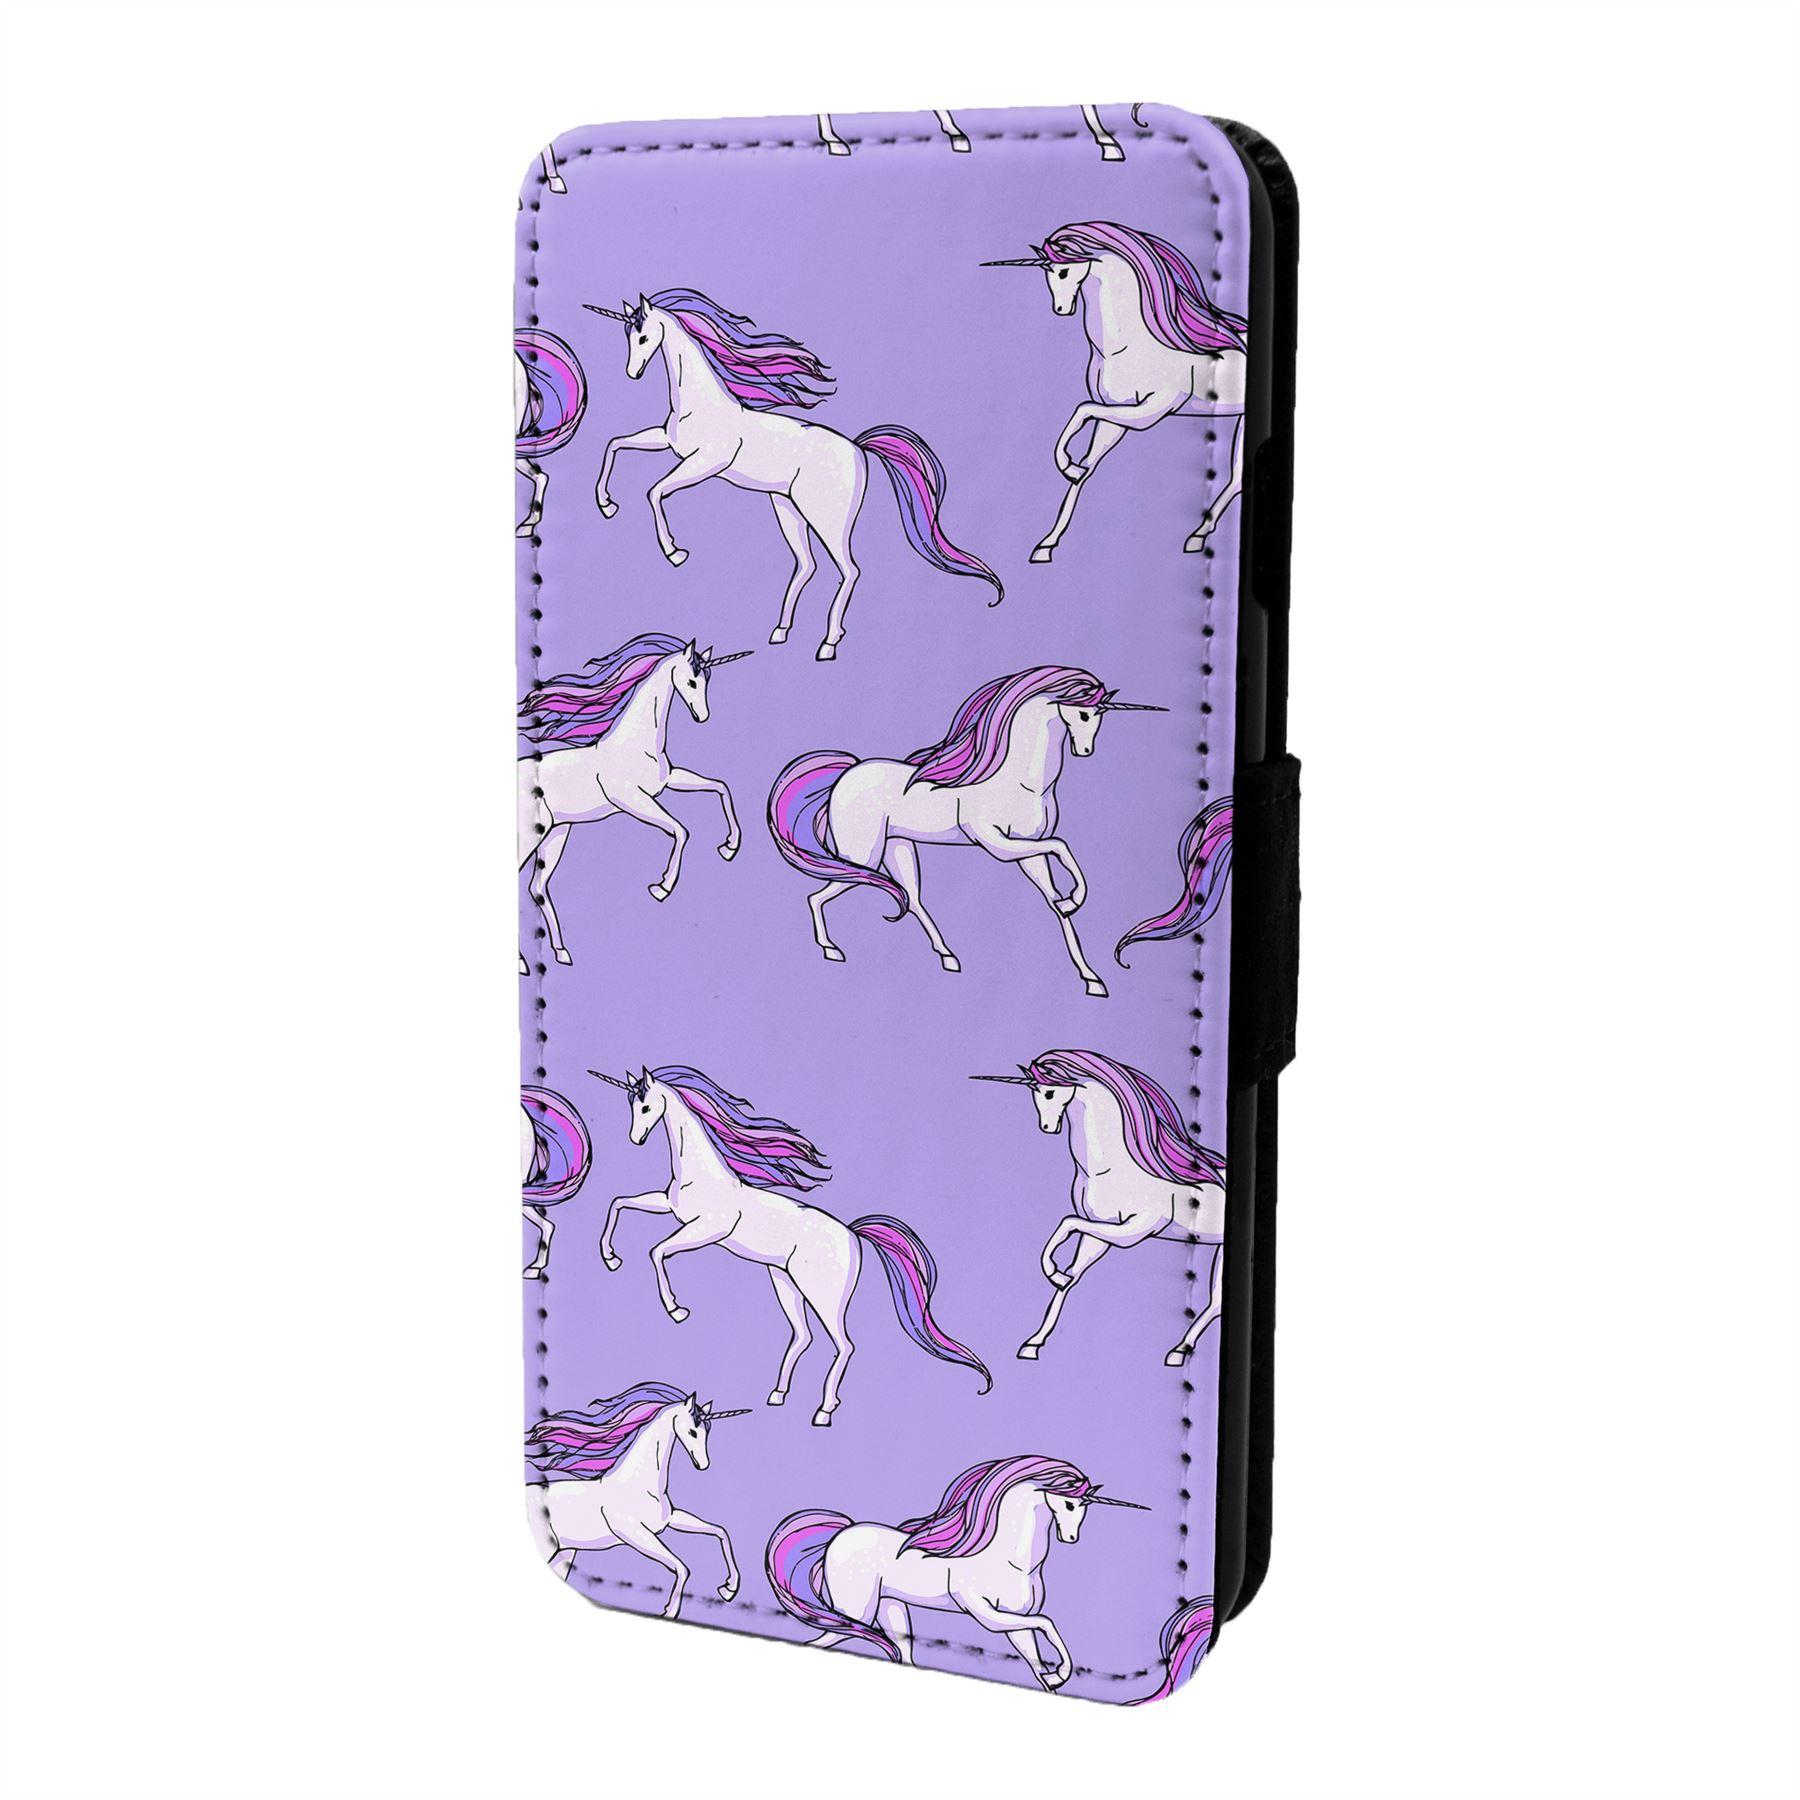 Fantasia-Unicornio-Estampado-Funda-Libro-para-Telefono-Movil-S6658